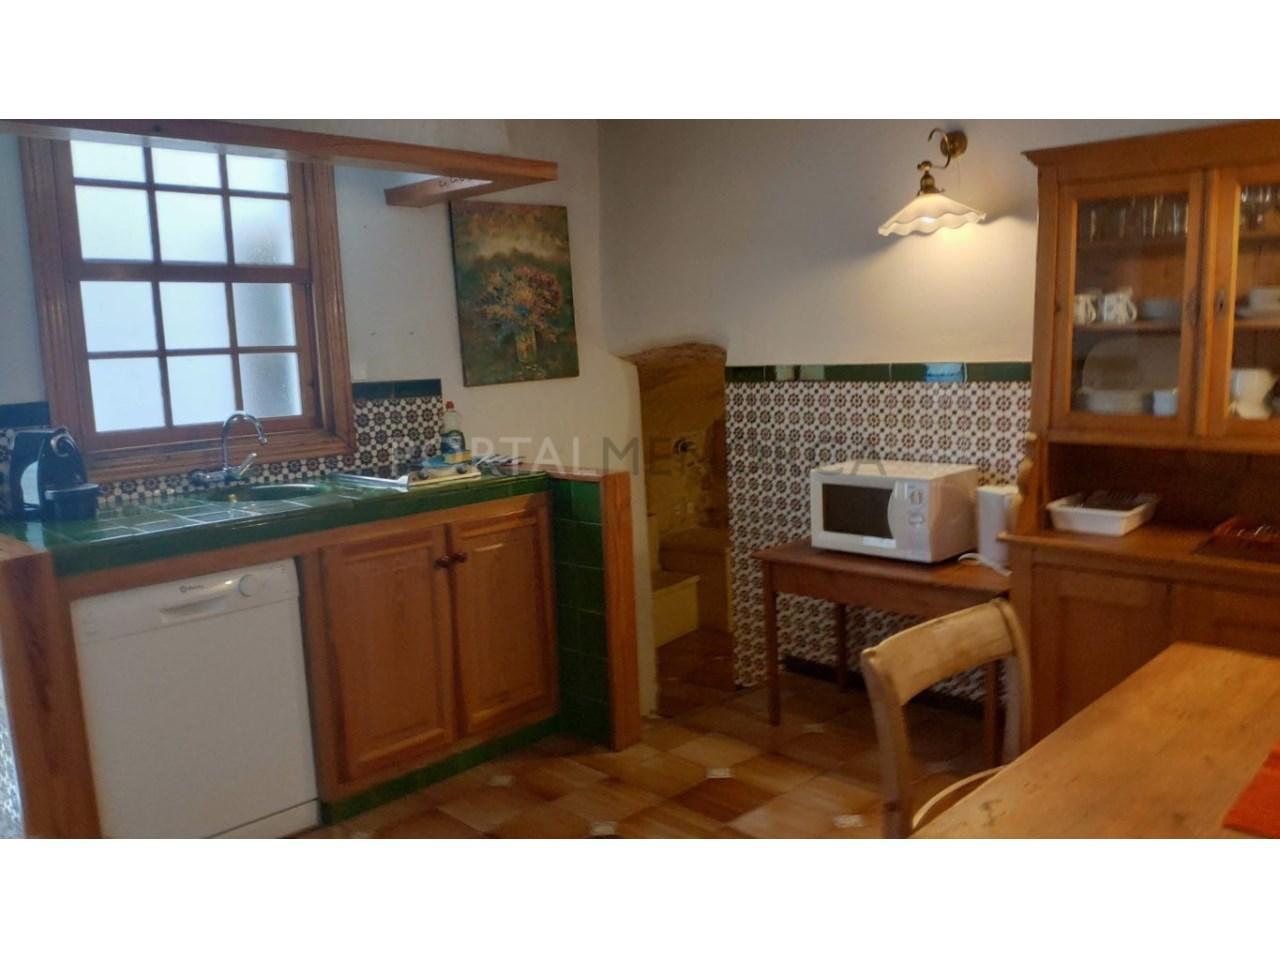 casa reformada en venta en Ciutadella de Menorca cocina